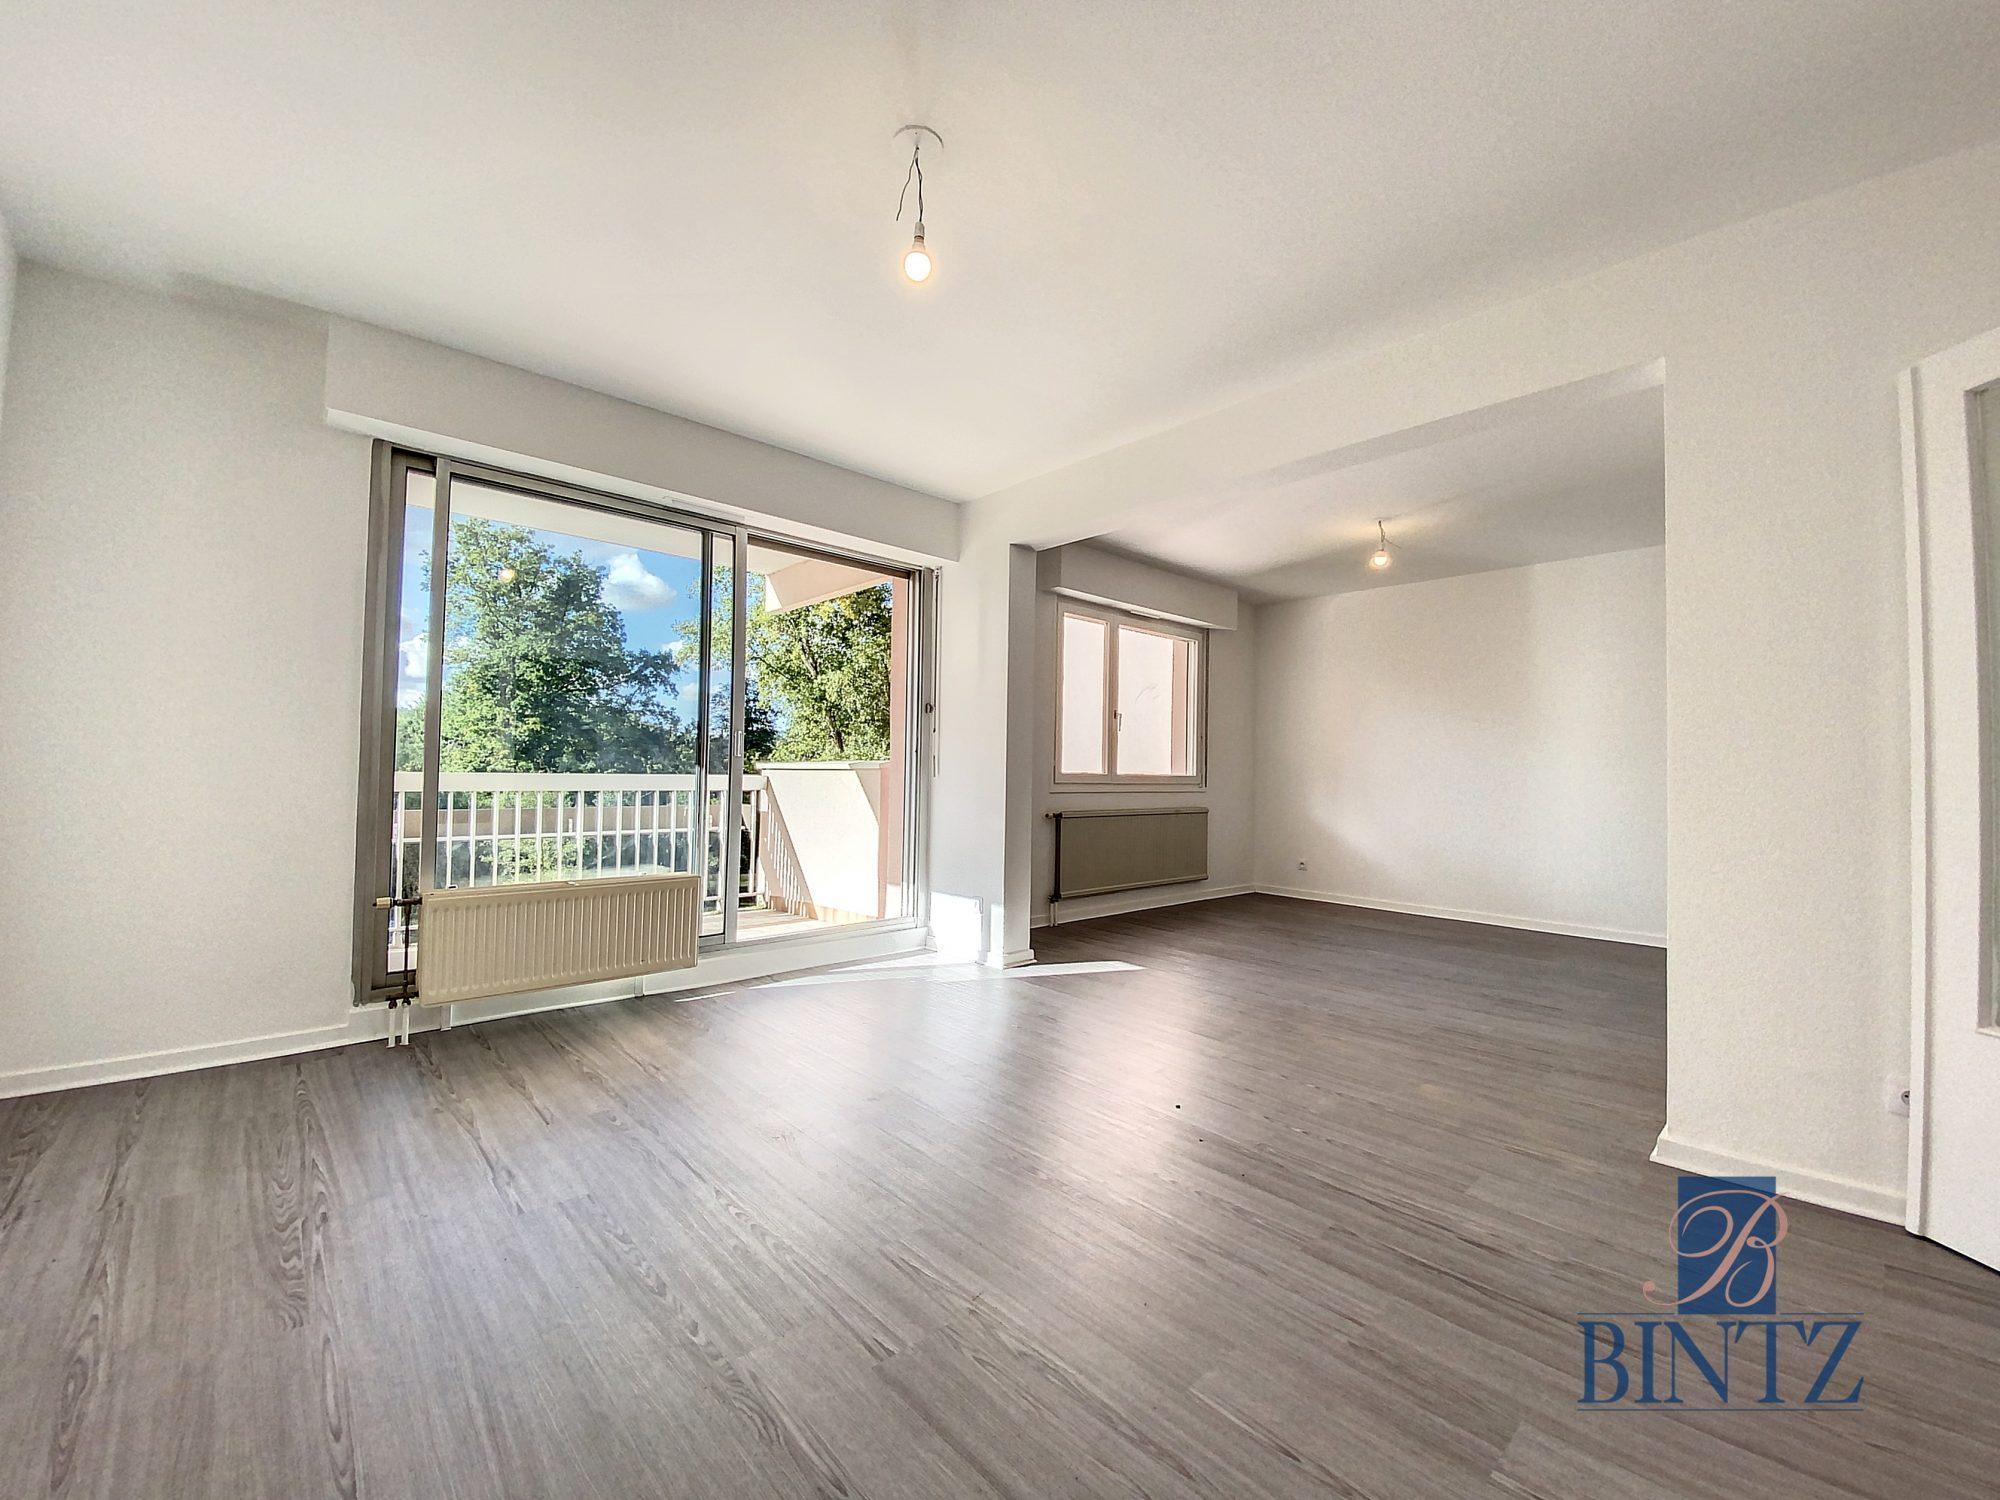 2PÈCES ILLKIRCH - Devenez locataire en toute sérénité - Bintz Immobilier - 1